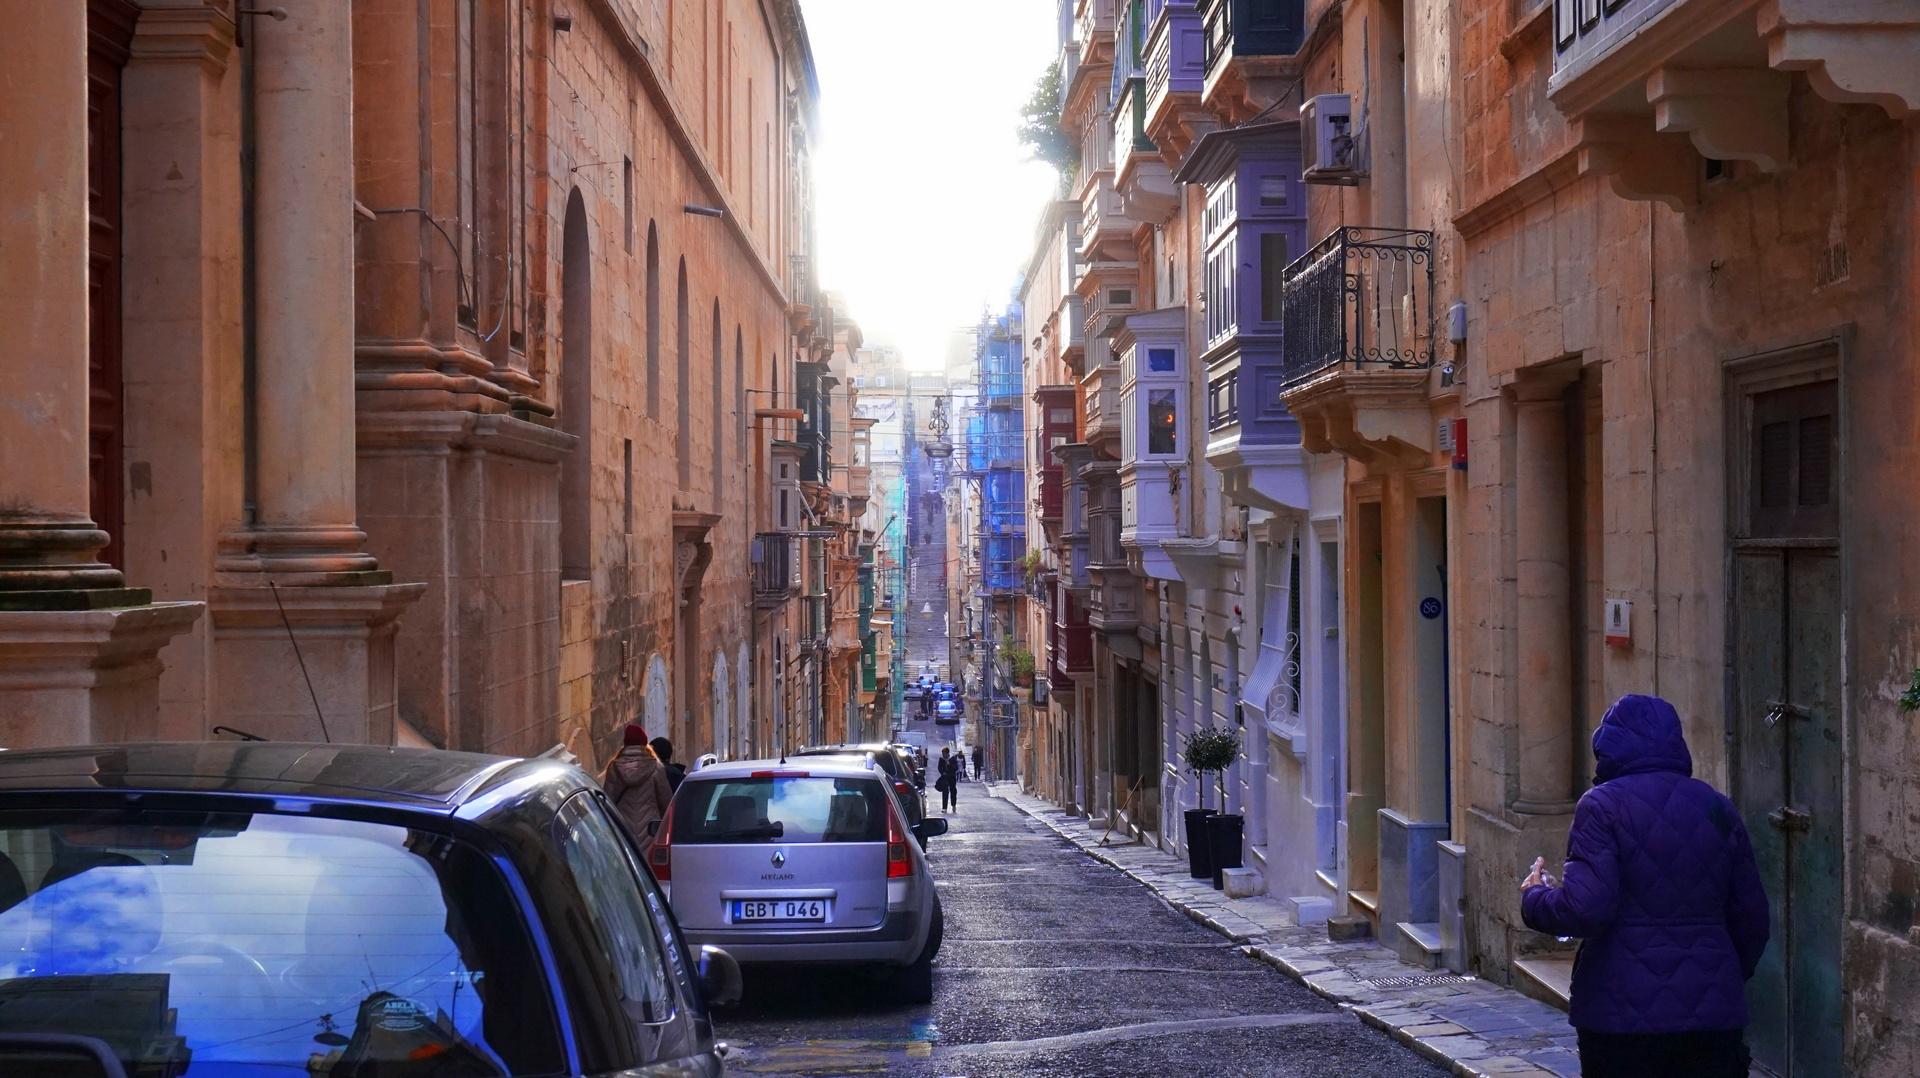 Ulica w Valetcie, Malta | Sway the way